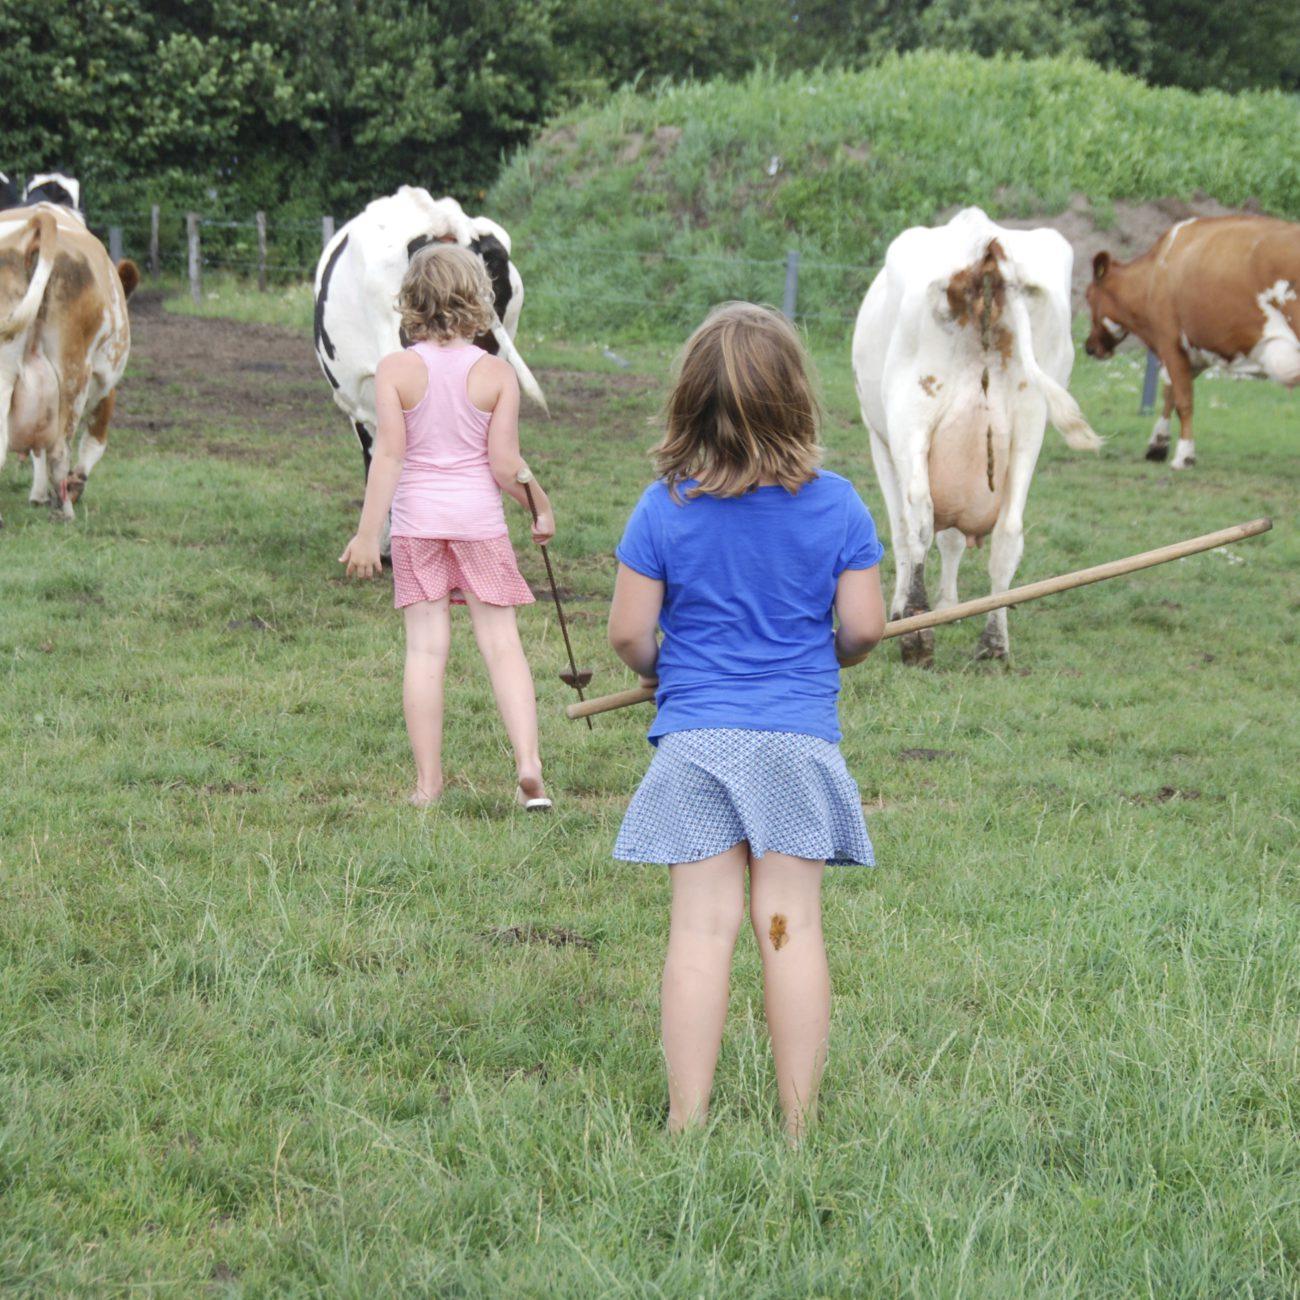 Twee meisjes halen koeien uit de wei, een toffe activiteit